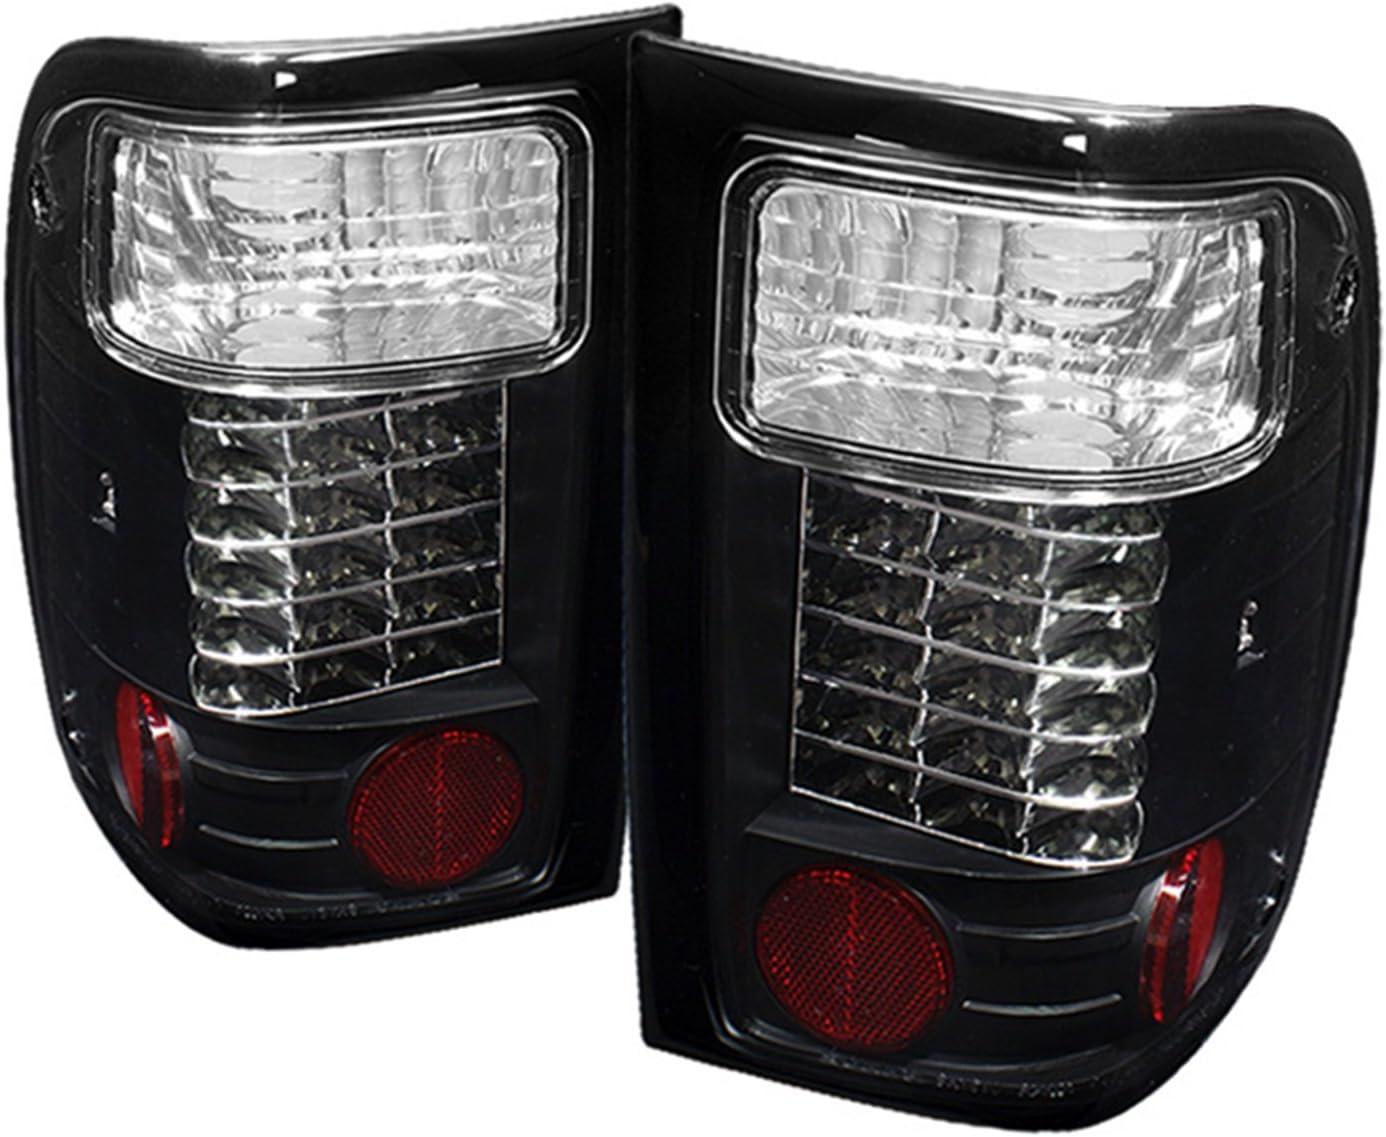 Spyder Auto Ford Ranger Black LED Tail Light